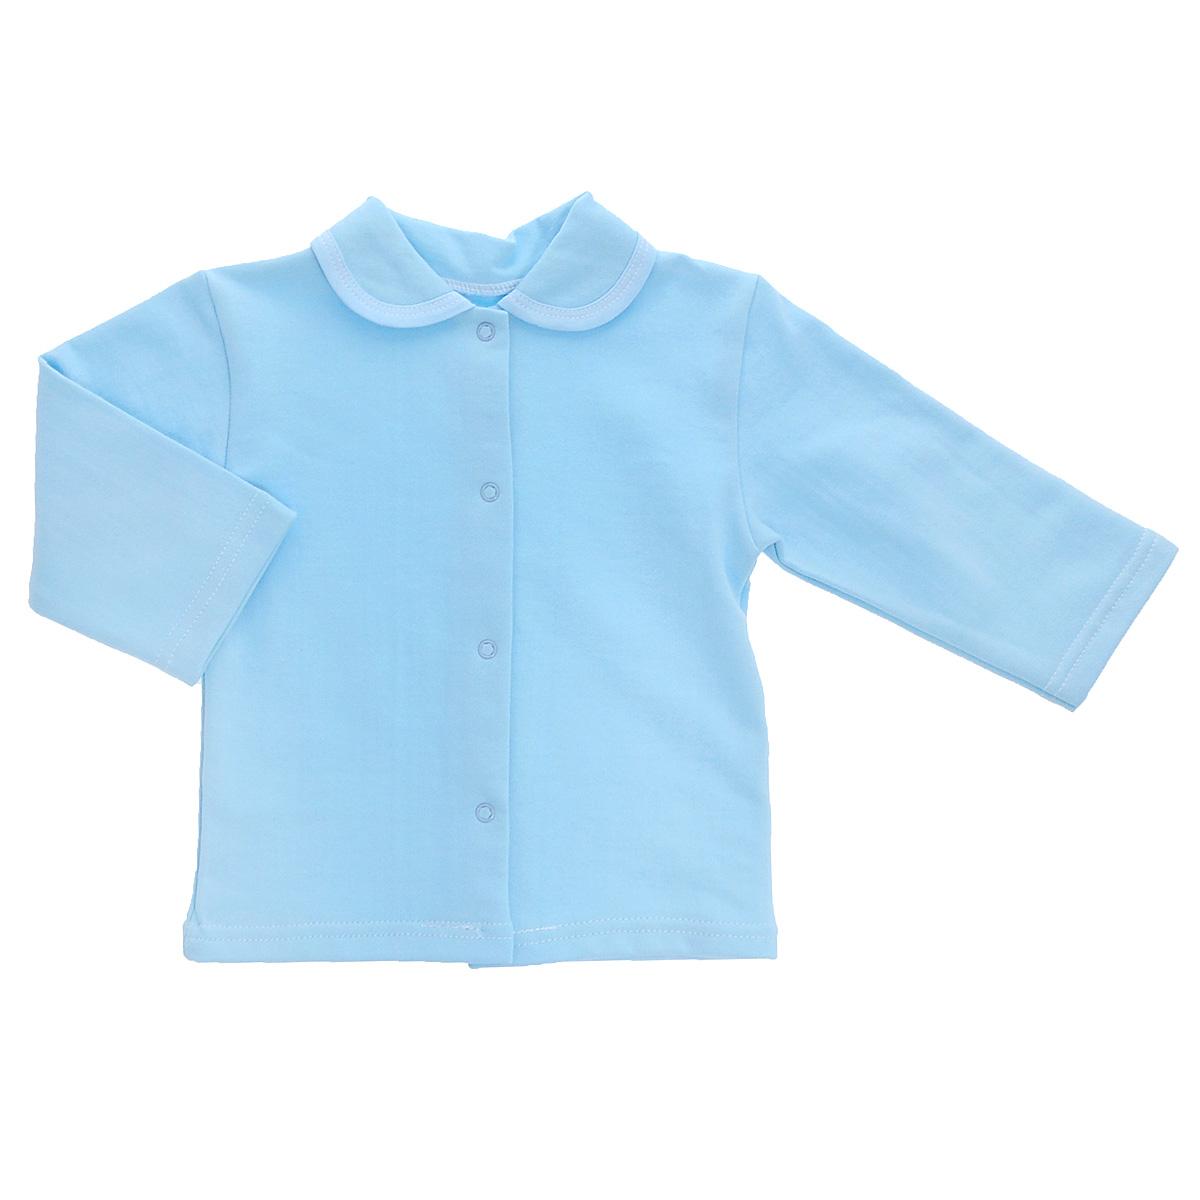 Распашонка5175Кофточка для новорожденного Трон-плюс с длинными рукавами послужит идеальным дополнением к гардеробу вашего малыша, обеспечивая ему наибольший комфорт. Изготовленная из футерованного полотна - натурального хлопка, она необычайно мягкая и легкая, не раздражает нежную кожу ребенка и хорошо вентилируется, а эластичные швы приятны телу малыша и не препятствуют его движениям. Удобные застежки-кнопки по всей длине помогают легко переодеть младенца. Модель дополнена отложным воротником. Кофточка полностью соответствует особенностям жизни ребенка в ранний период, не стесняя и не ограничивая его в движениях.